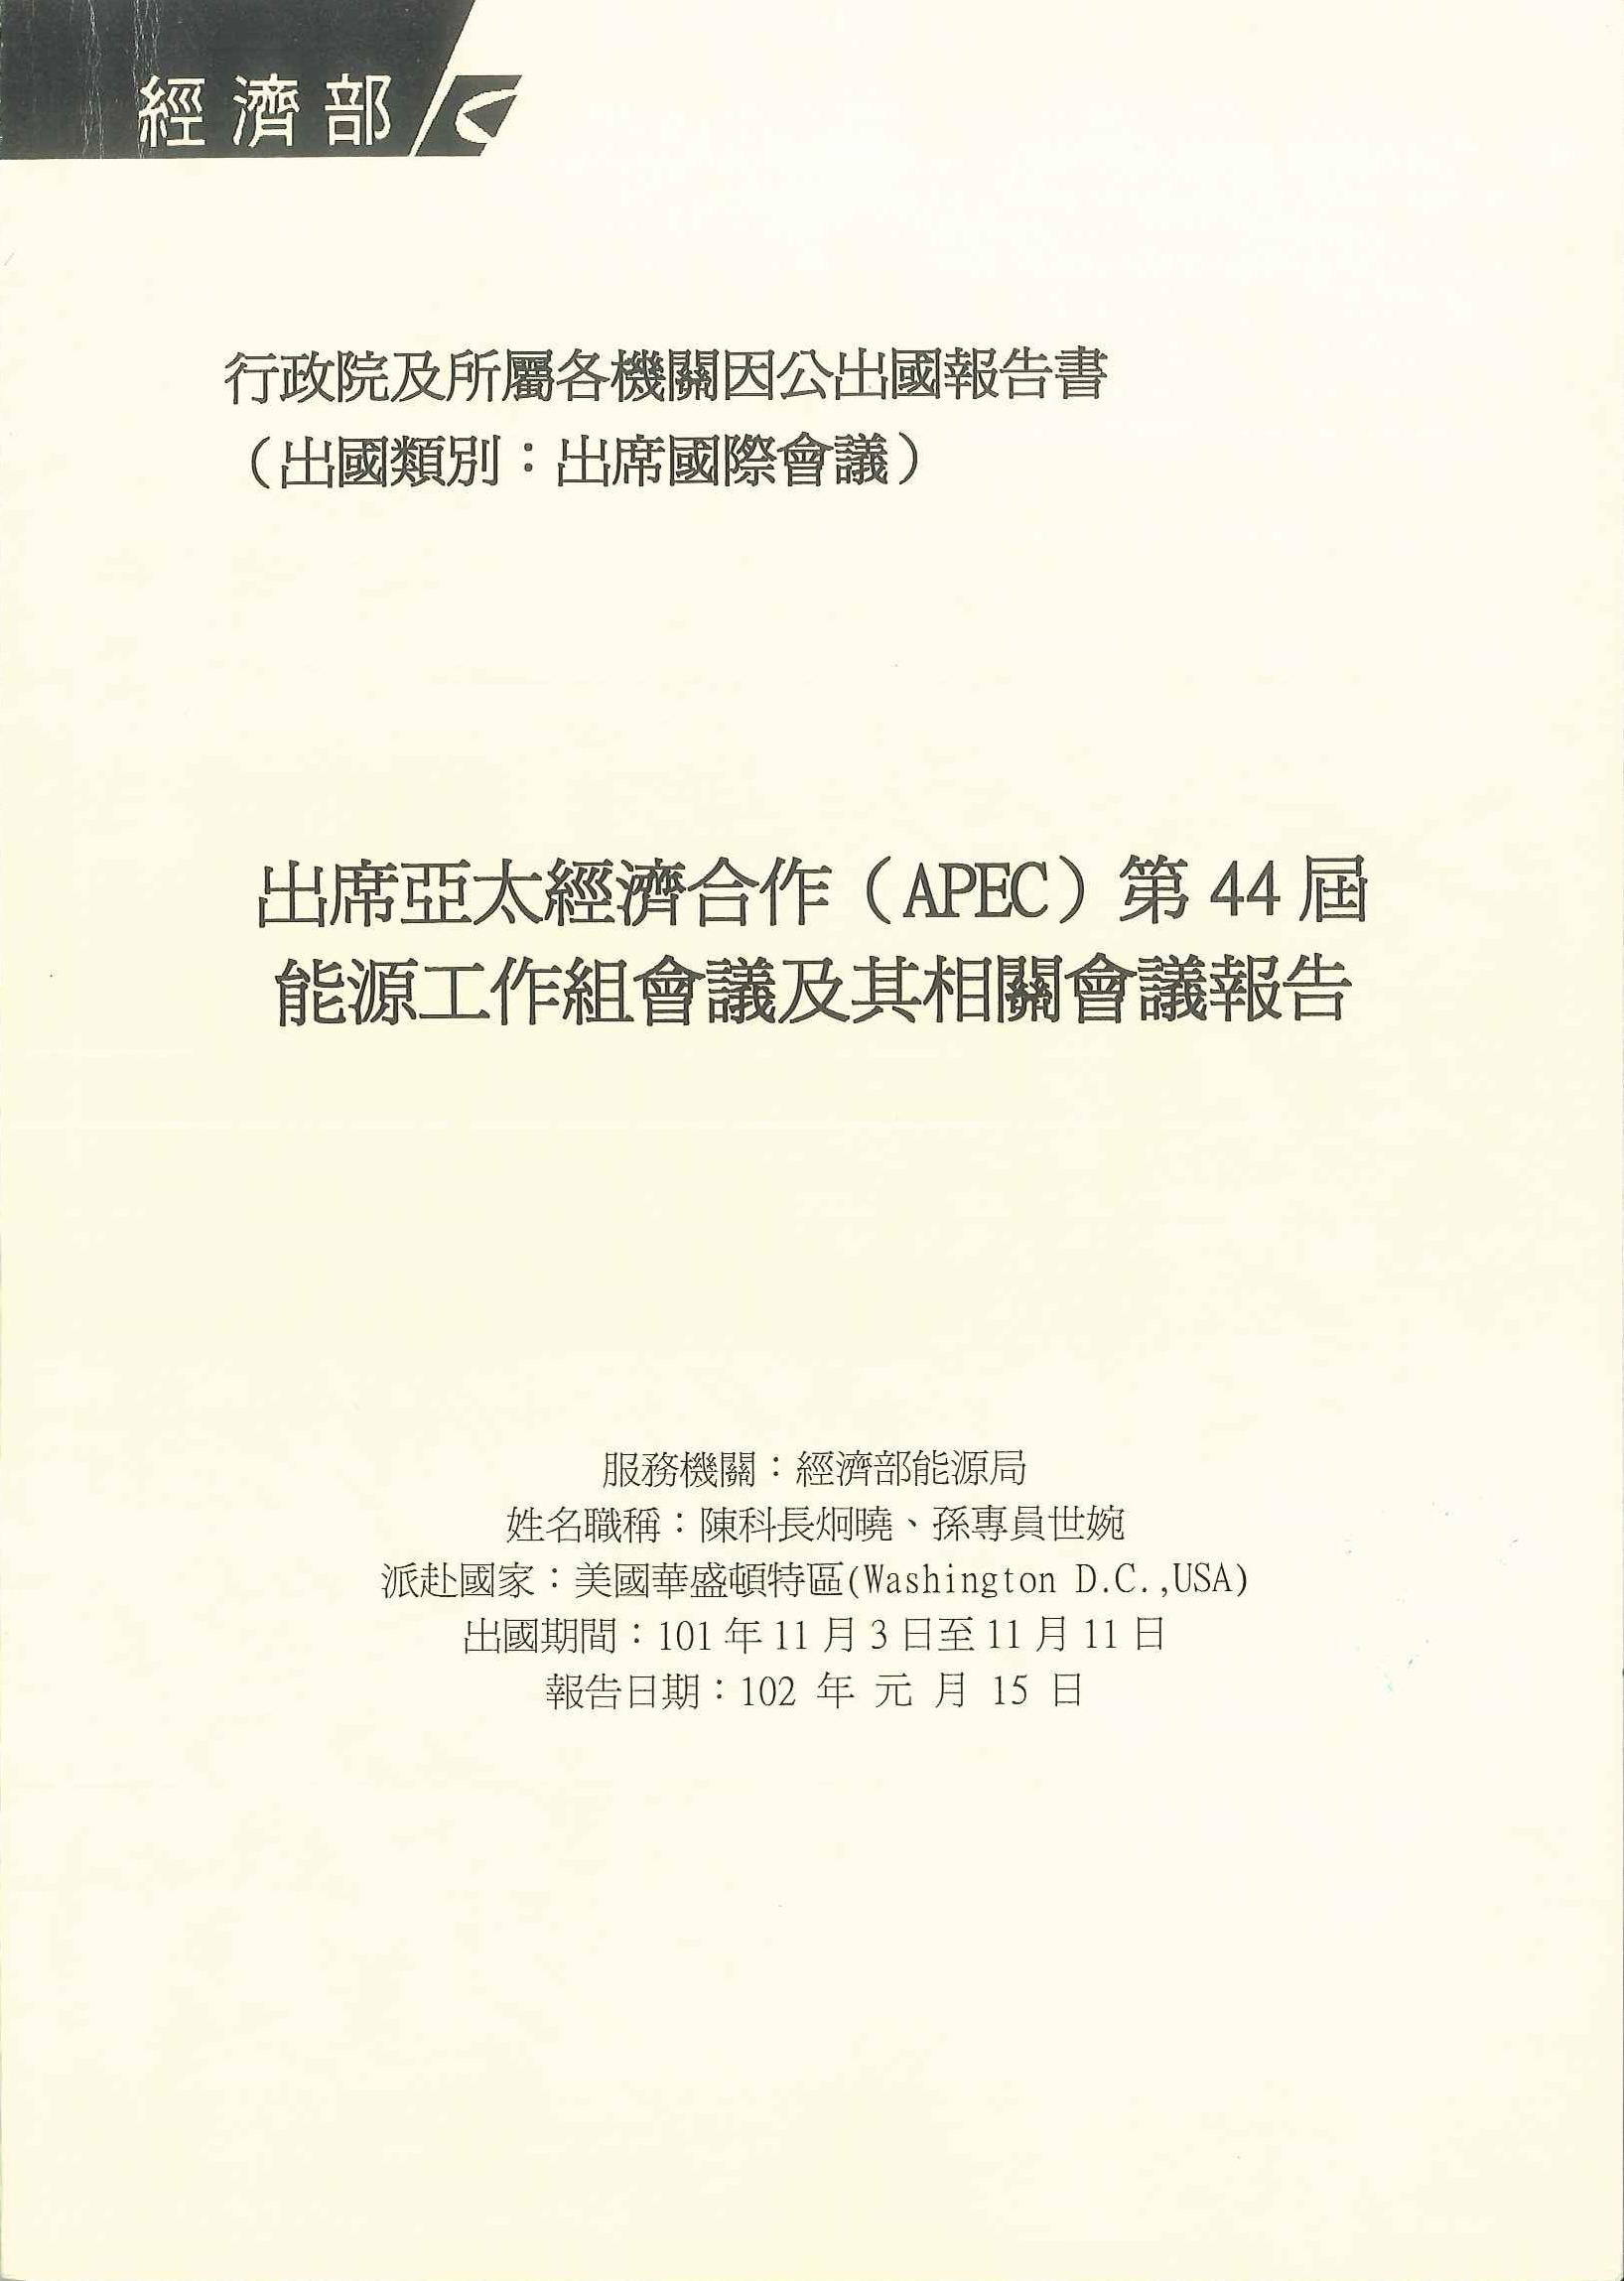 「APEC第44屆能源工作組會議及其相關會議」出國報告書